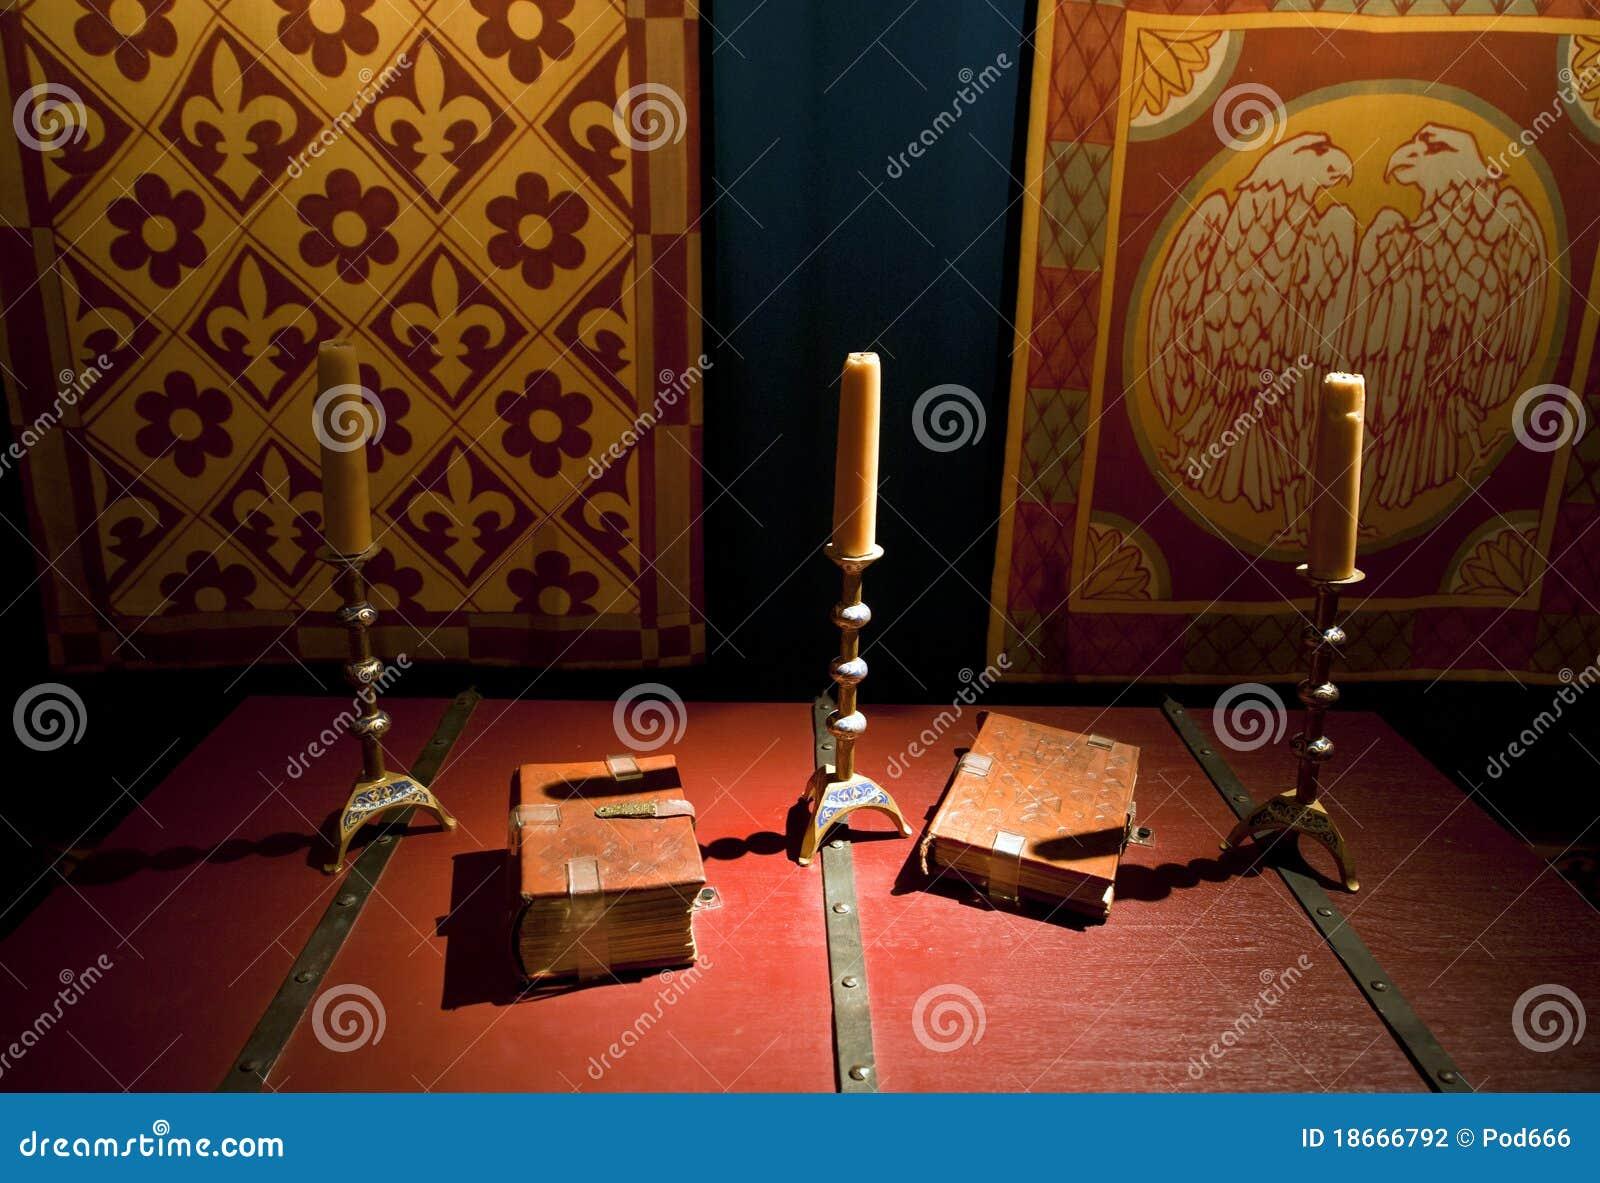 Dover castle kings chamber room